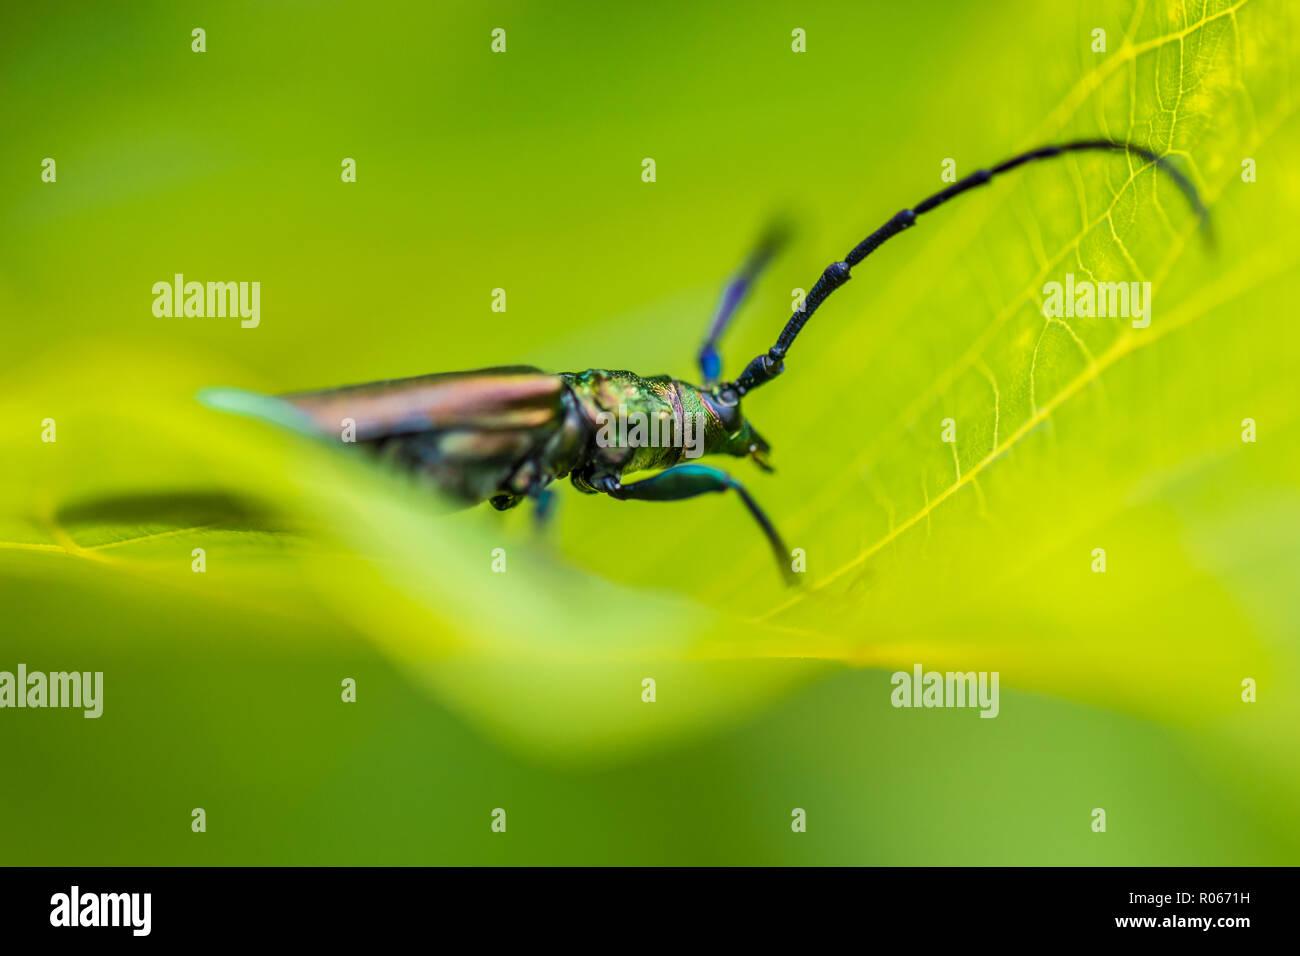 Grand insecte sur feuille verte, la nature, la faune concept. Macro image avec plus de détails Banque D'Images